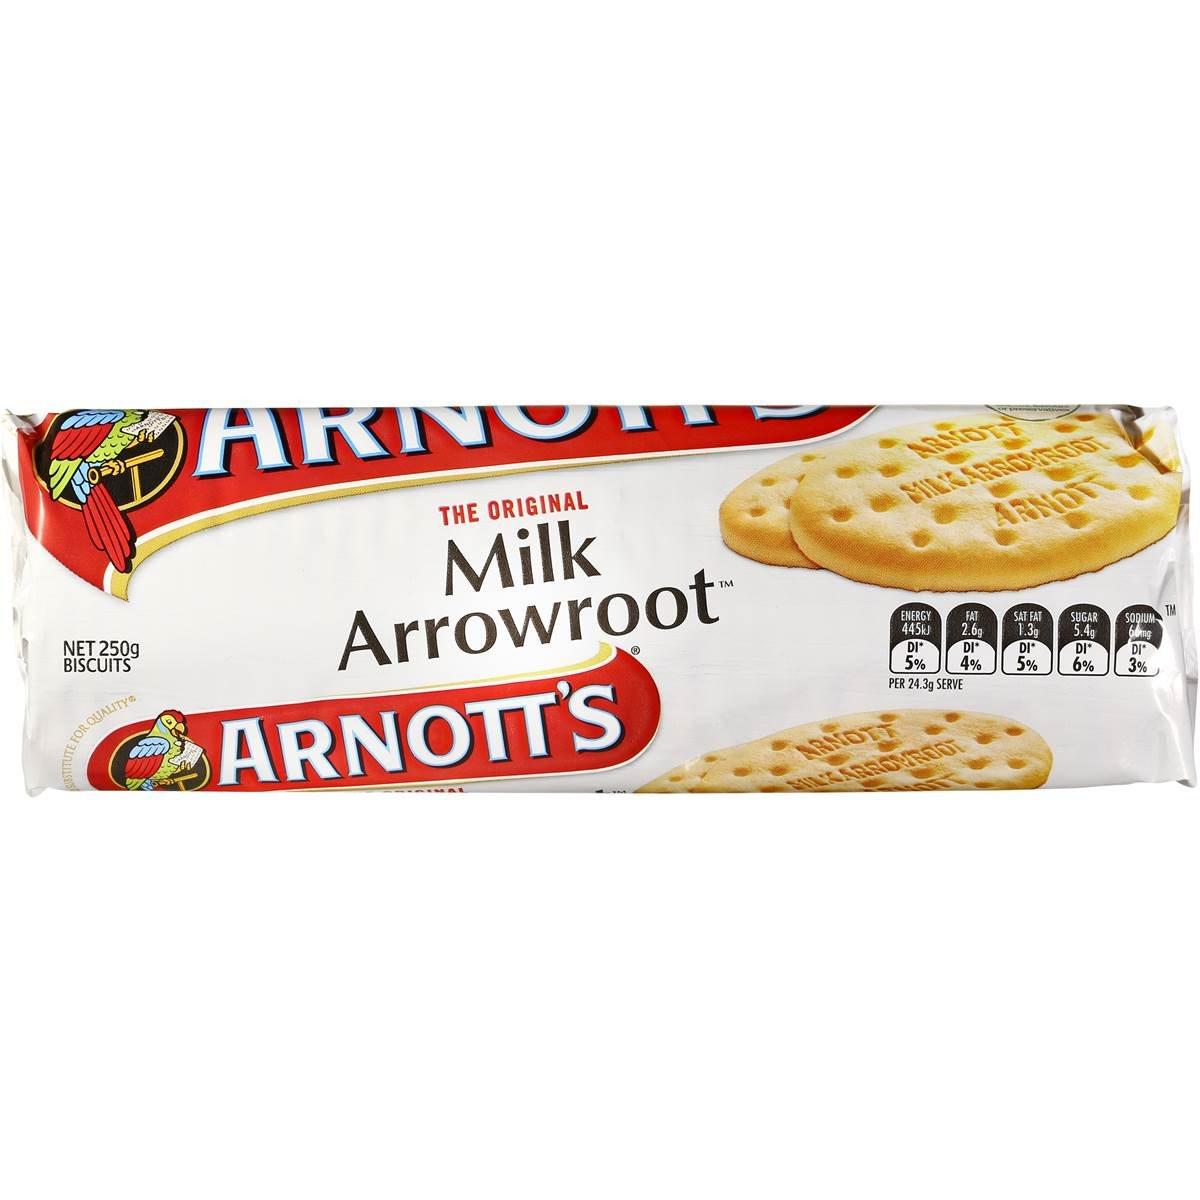 Arnott's Milk Arrowroot Biscuits Image